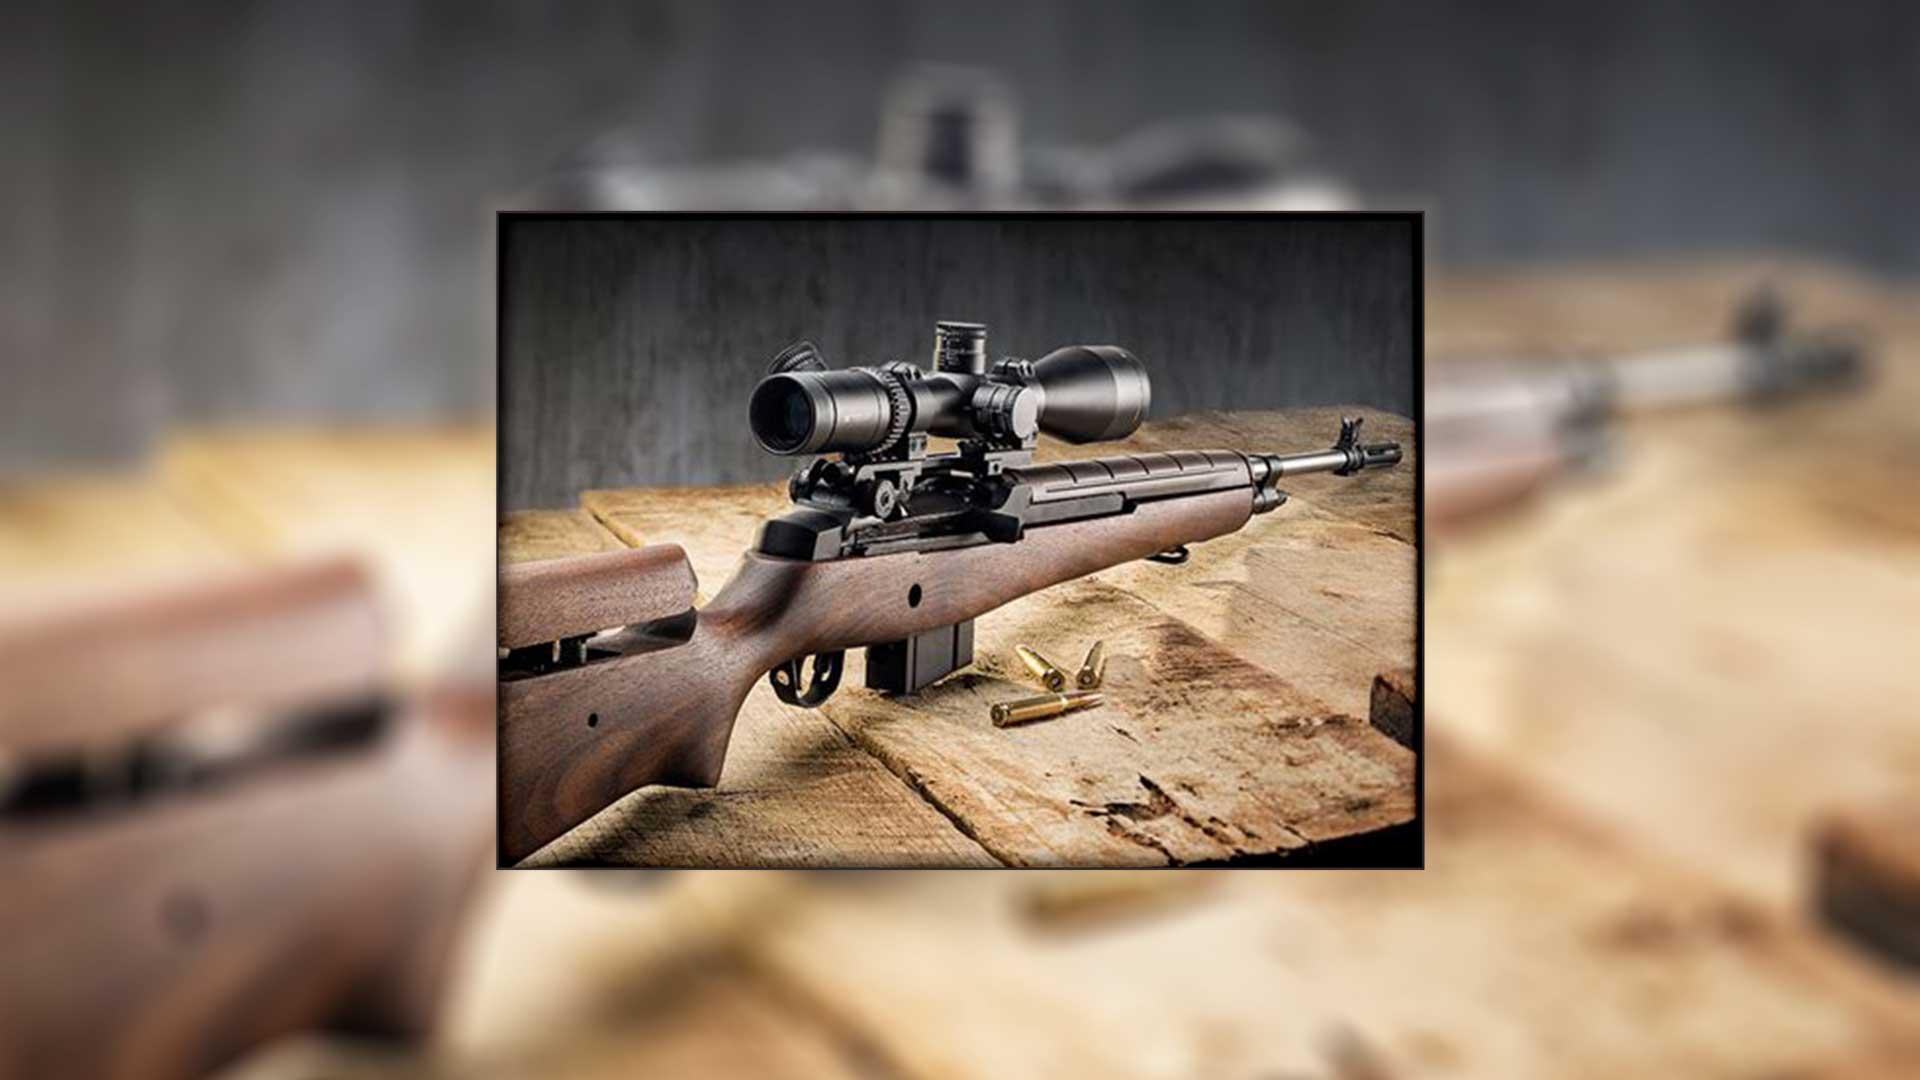 rifle on bench box wood metal gun scope black brown